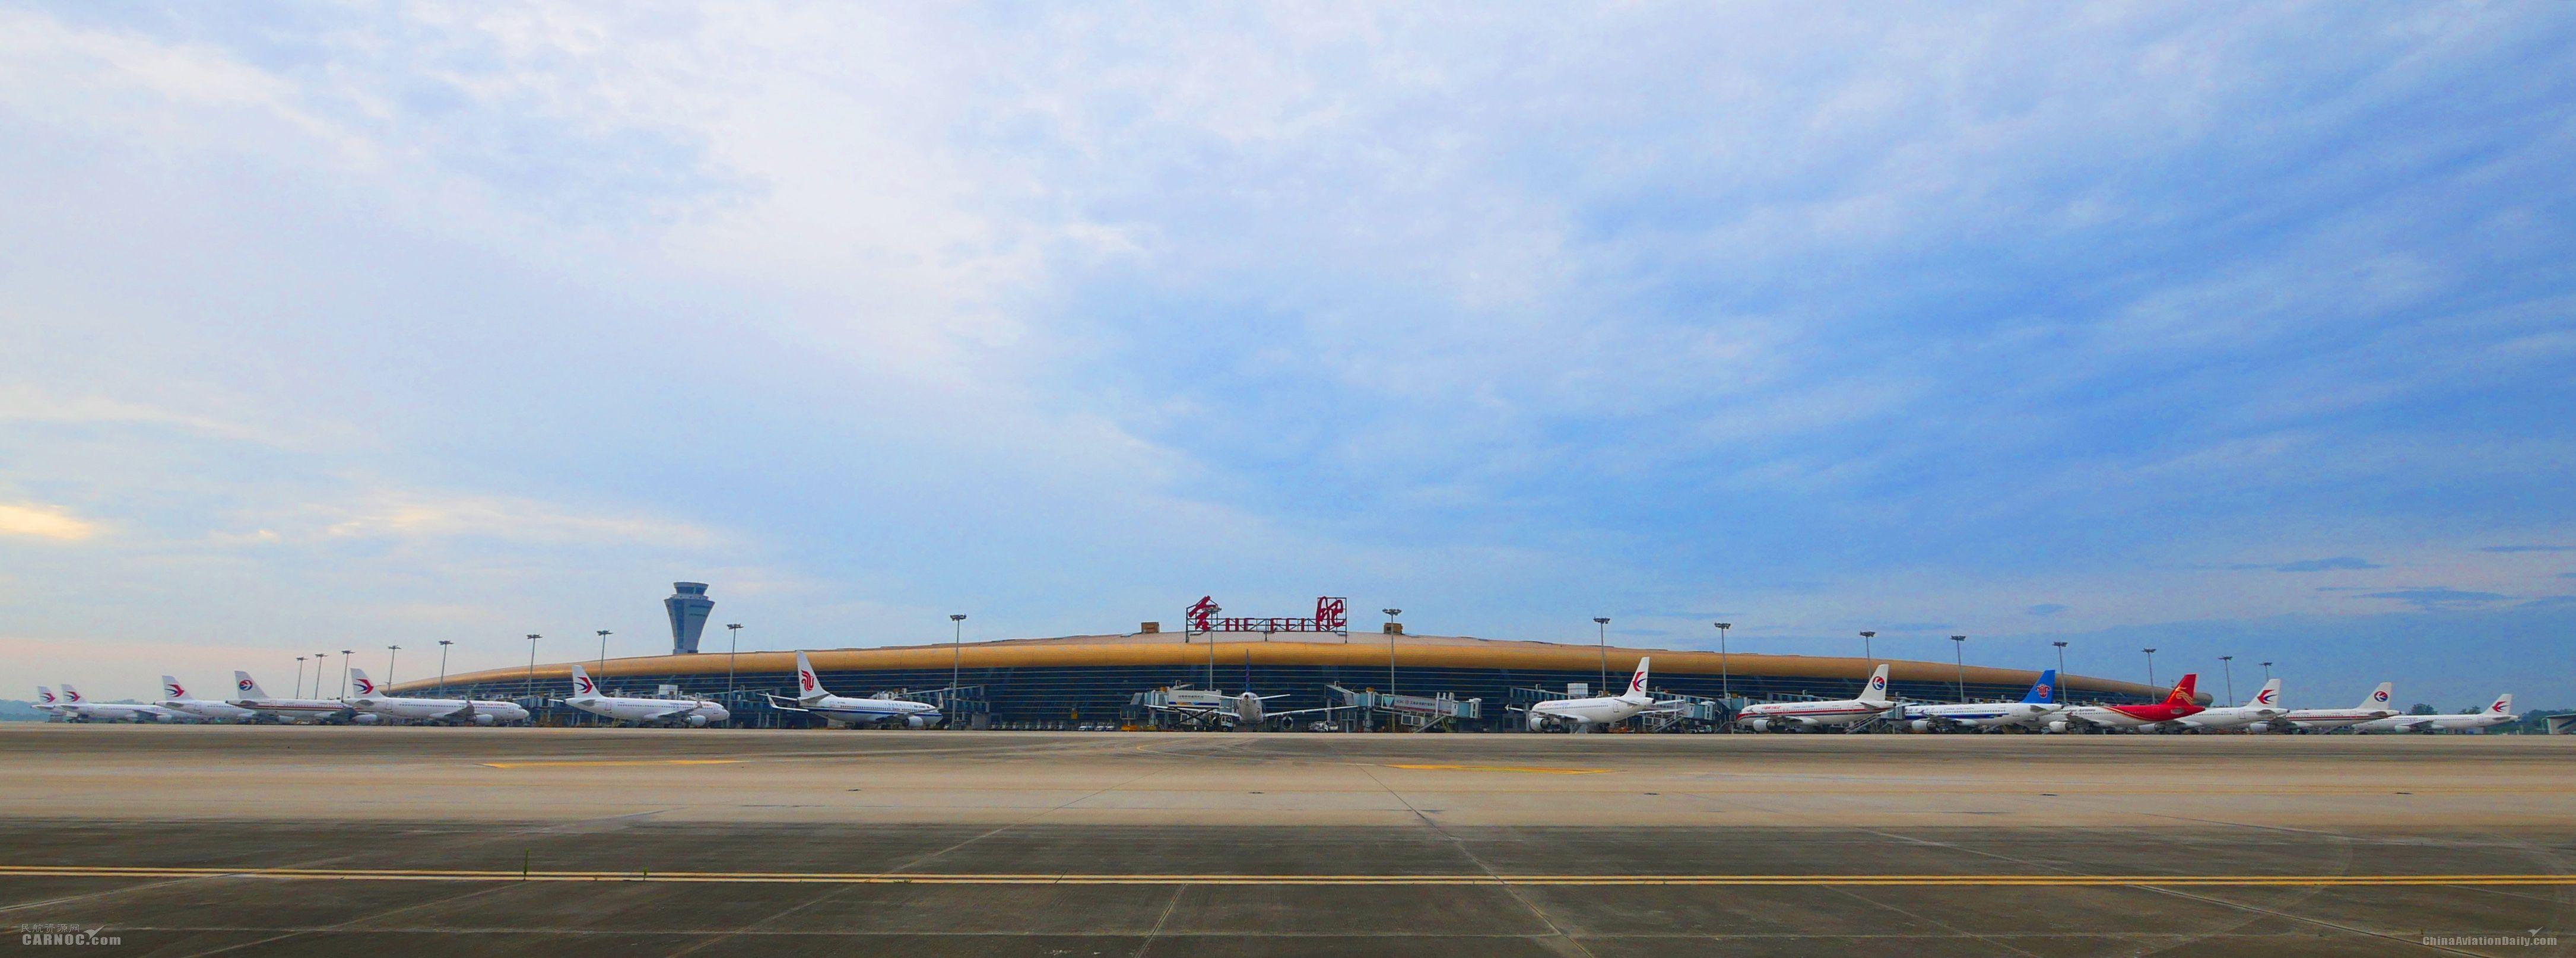 合肥机场迎来五一返程客流小高峰